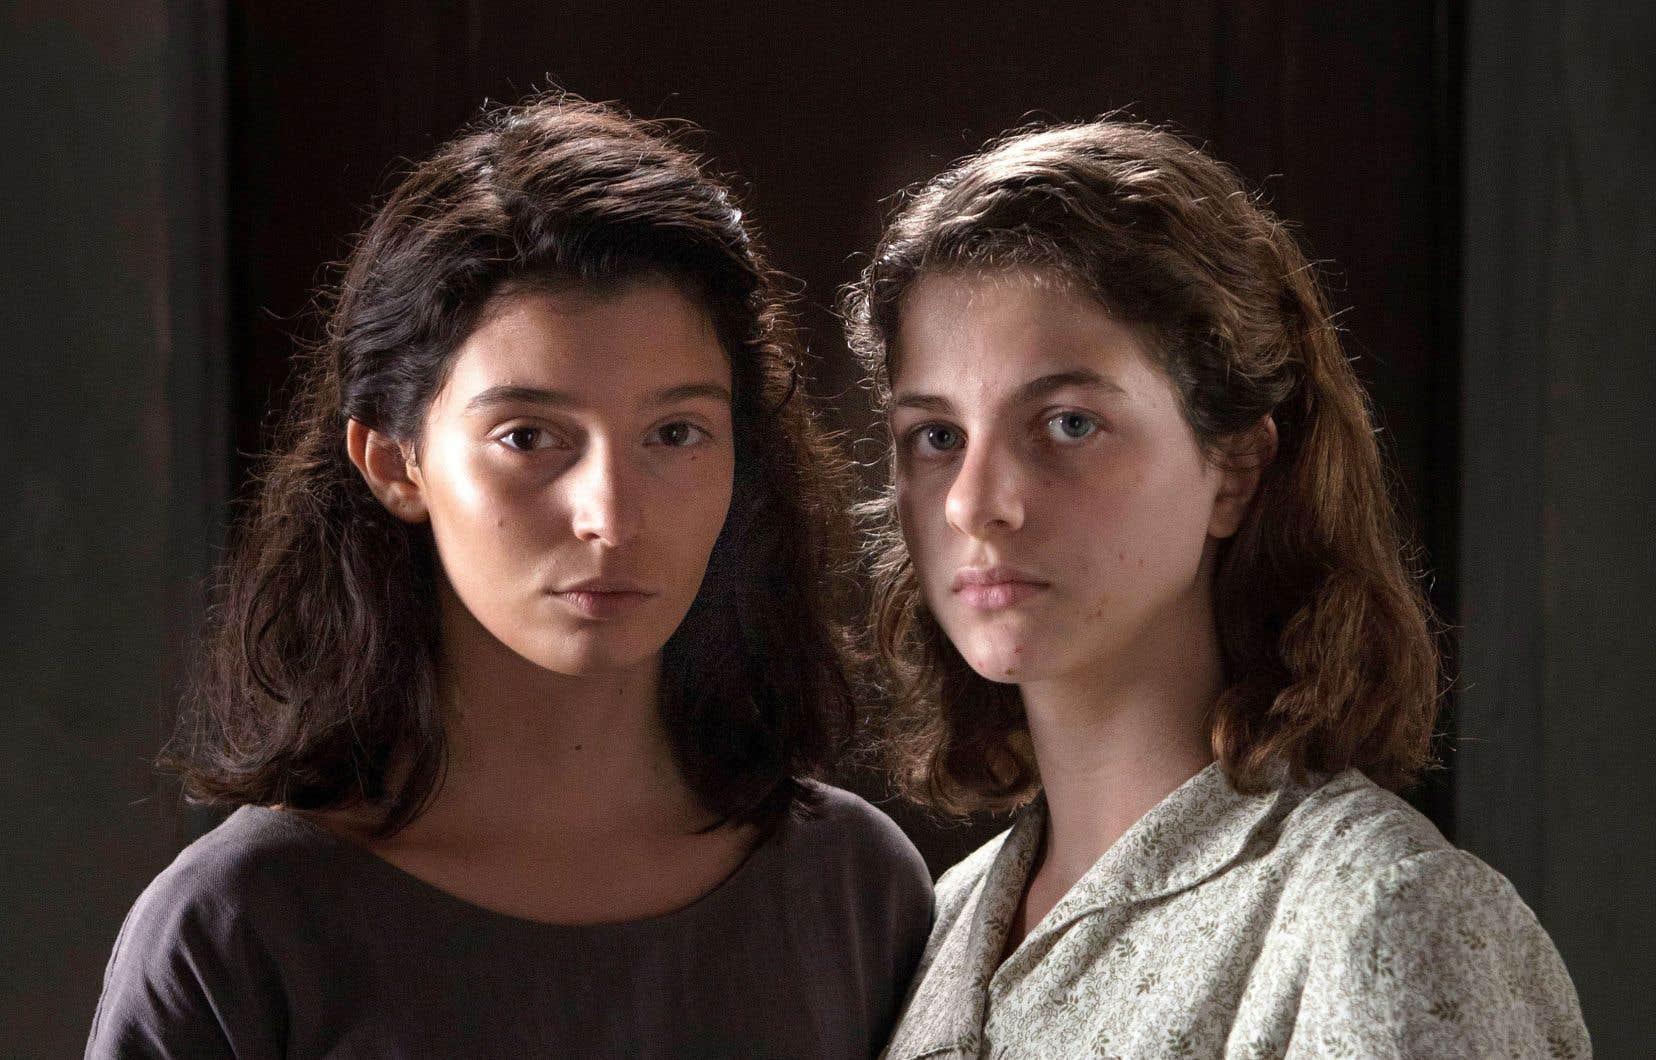 La beauté de Lila (Gaia Girace, à l'adolescence, à gauche) est sauvage, colérique, indomptée. Lenù (Margherita Mazzucco) est peut-être plus empotée, plus retirée en elle-même que ce qu'on imaginait.